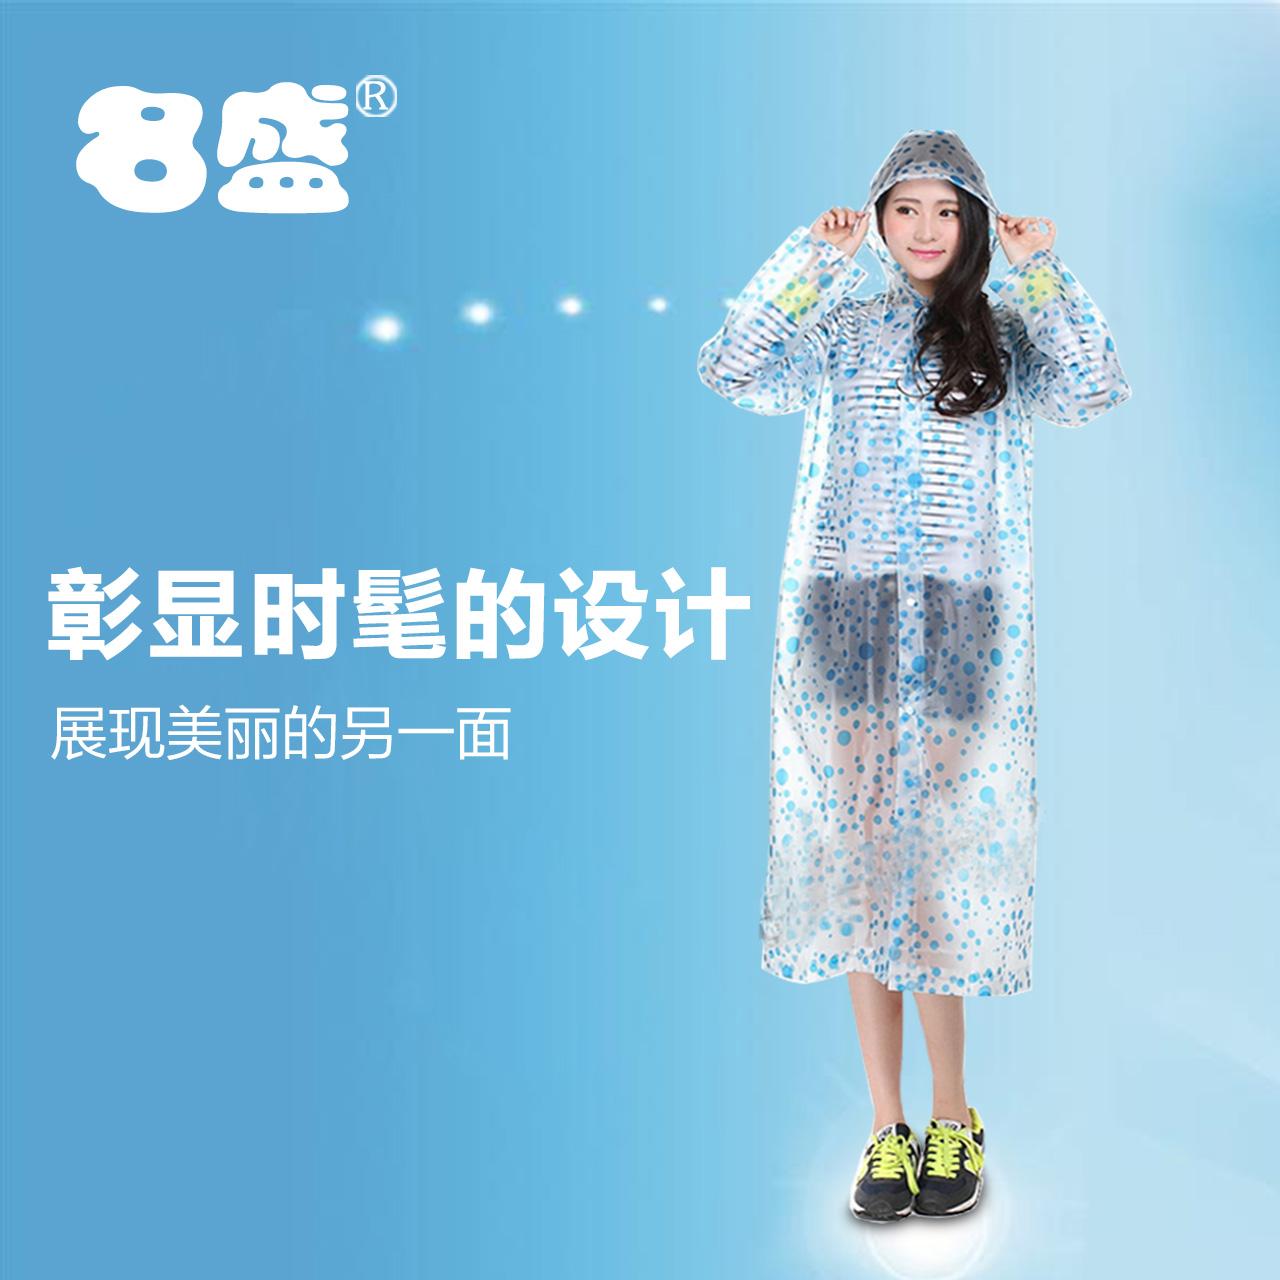 Японский и корейский мода пальто плащи пончо с рукава прозрачный плащи открытый не одноразовые плащи Плащ Сумка для хранения